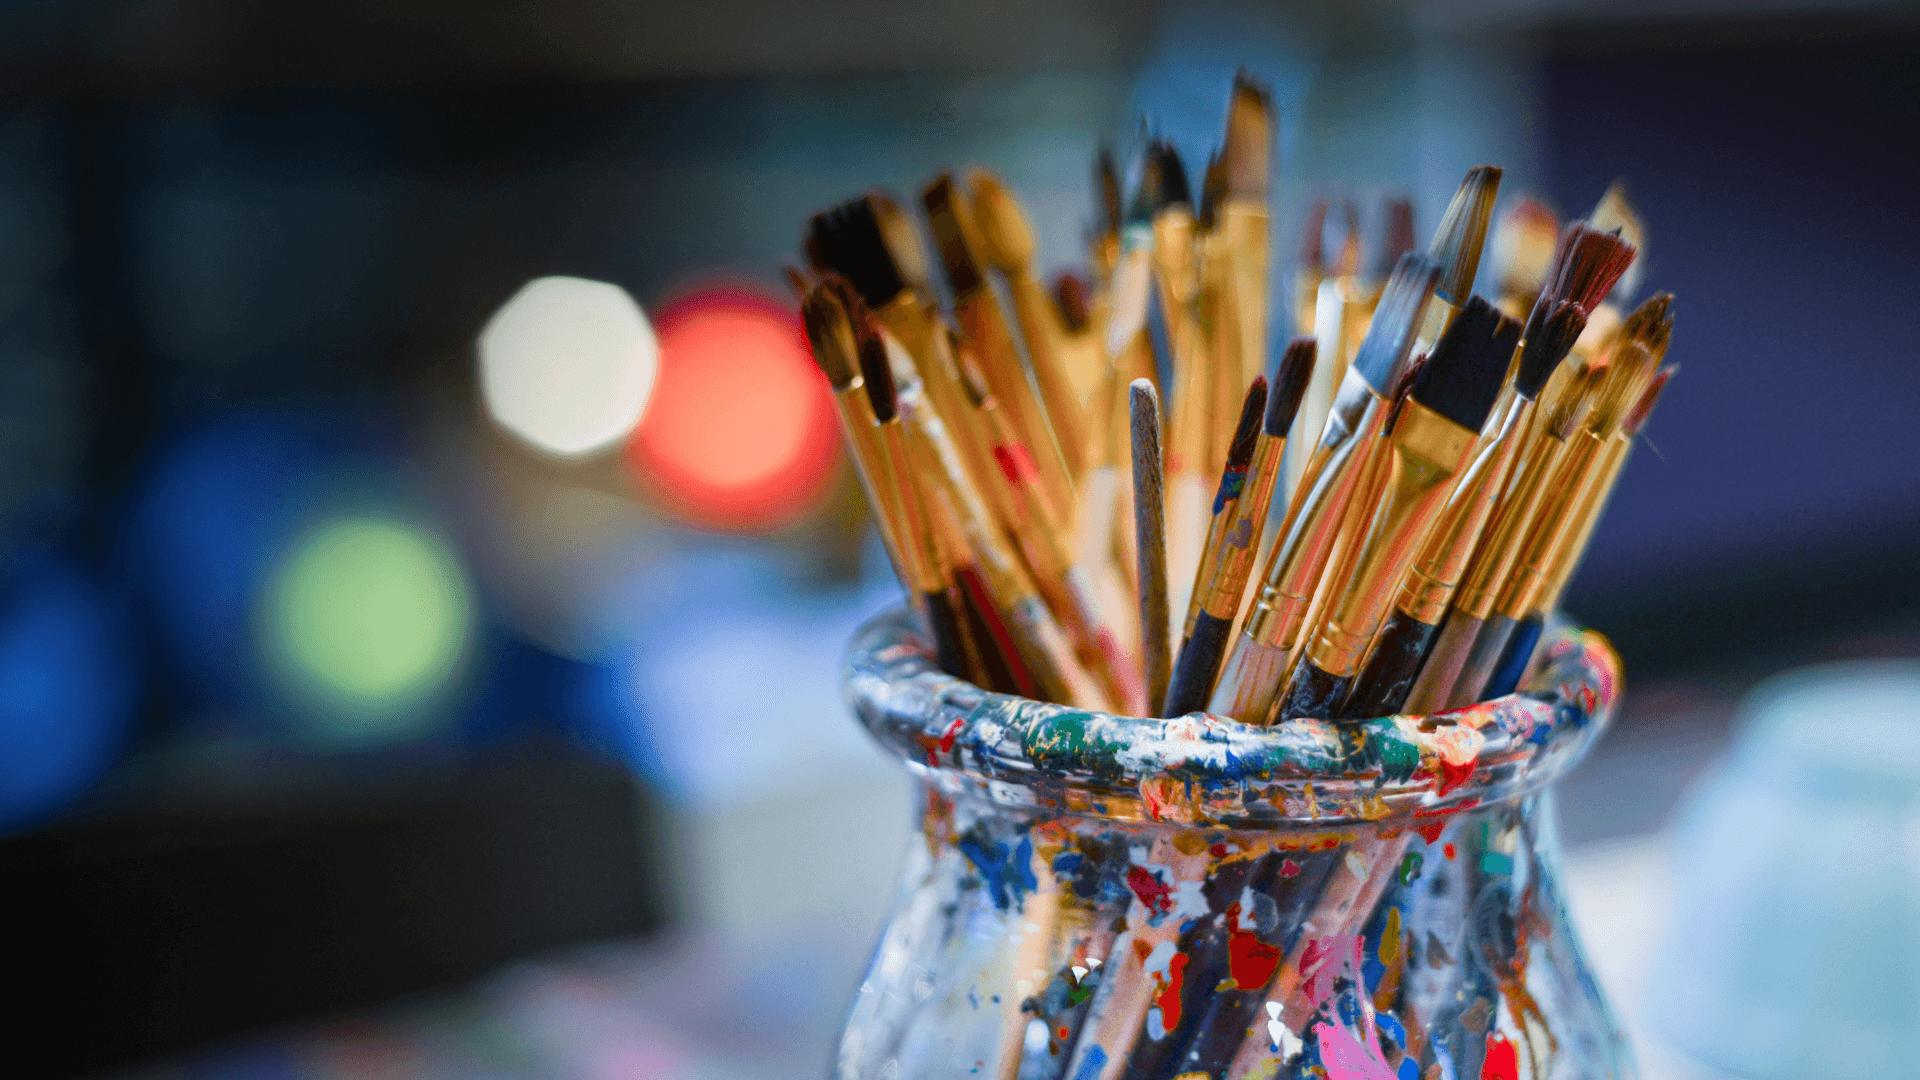 Werd mal noch schnell kreativ – Der Kunst- und Kulturpreis Zollernalbkreis